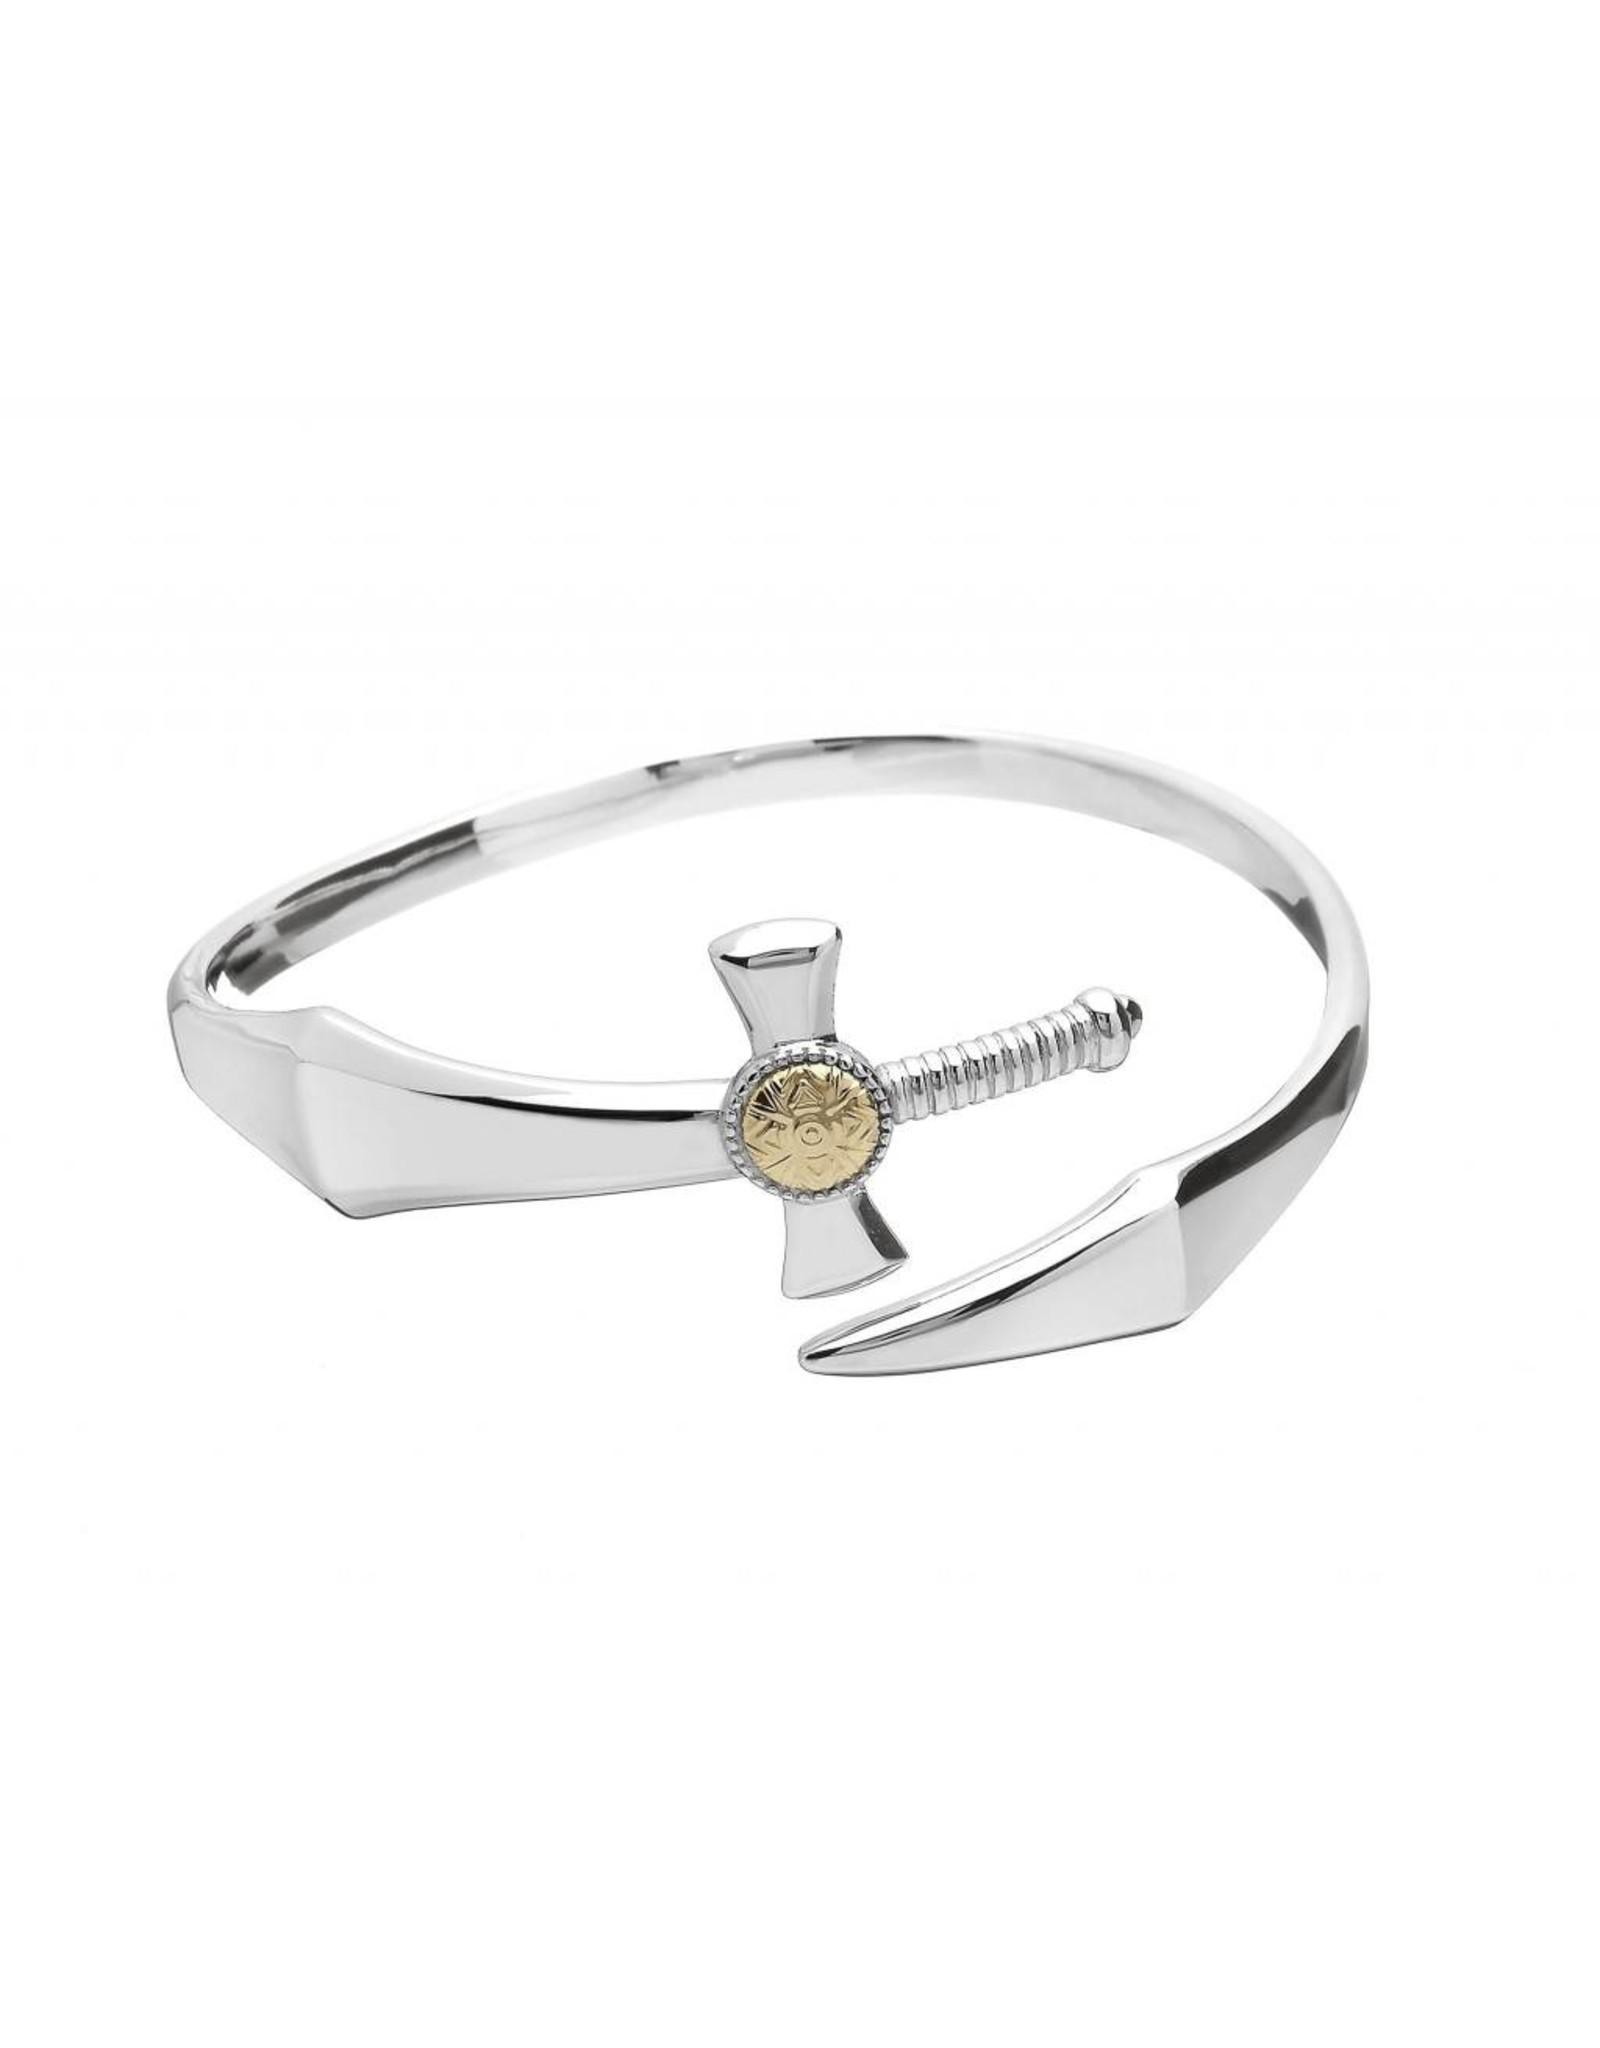 Boru Jewelry S/S + 18k Nuada Sword Bangle Bracelet